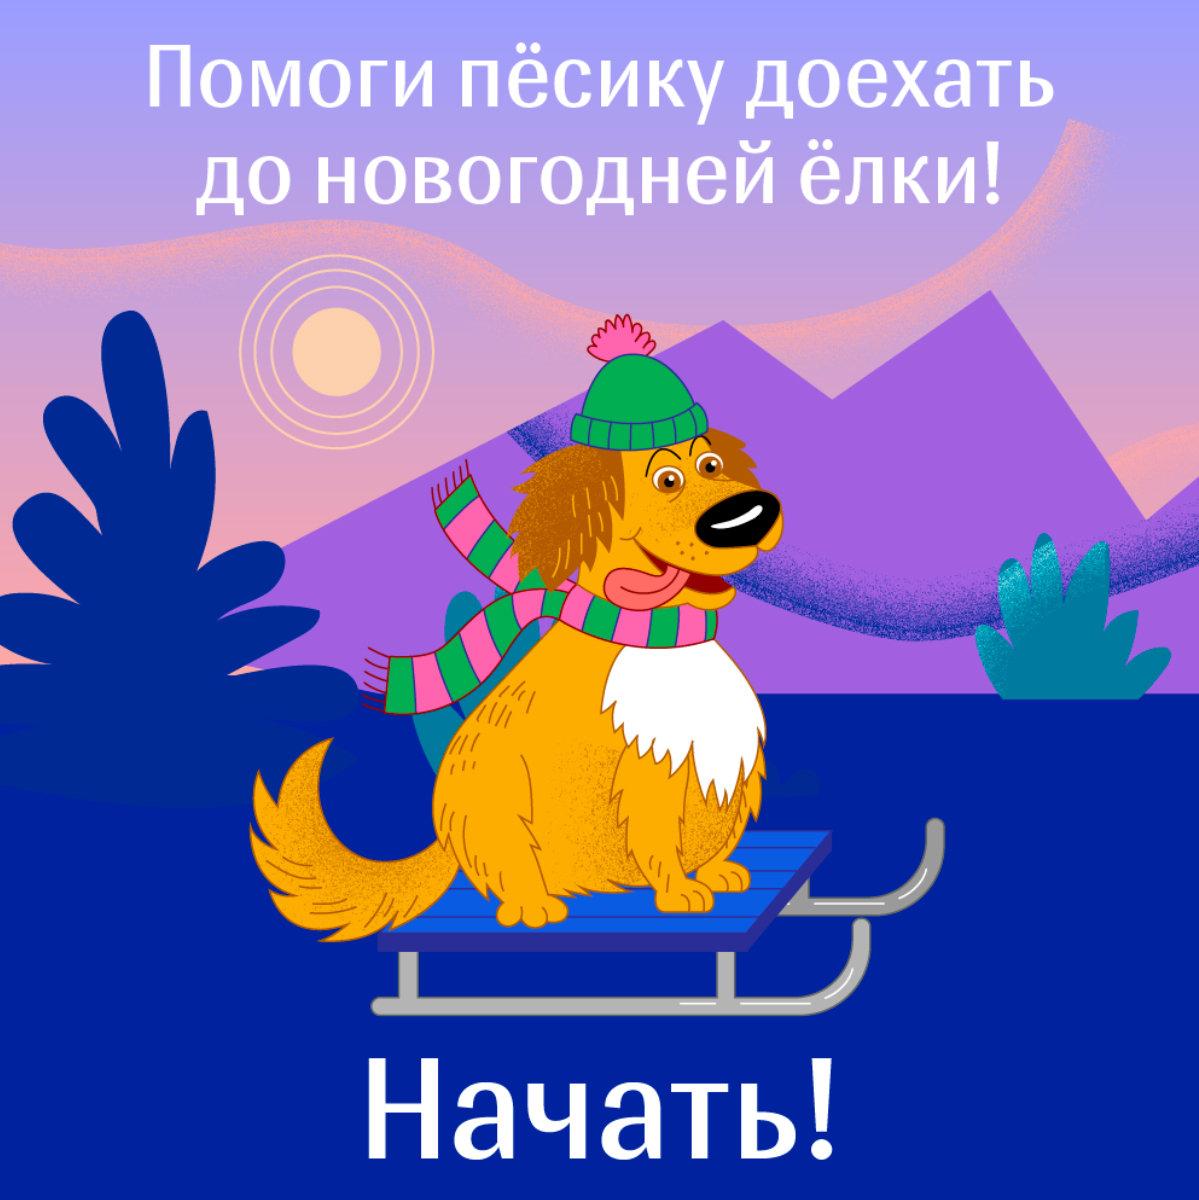 Игра - помоги песику доехать до новогодней елки - Sputnik Тоҷикистон